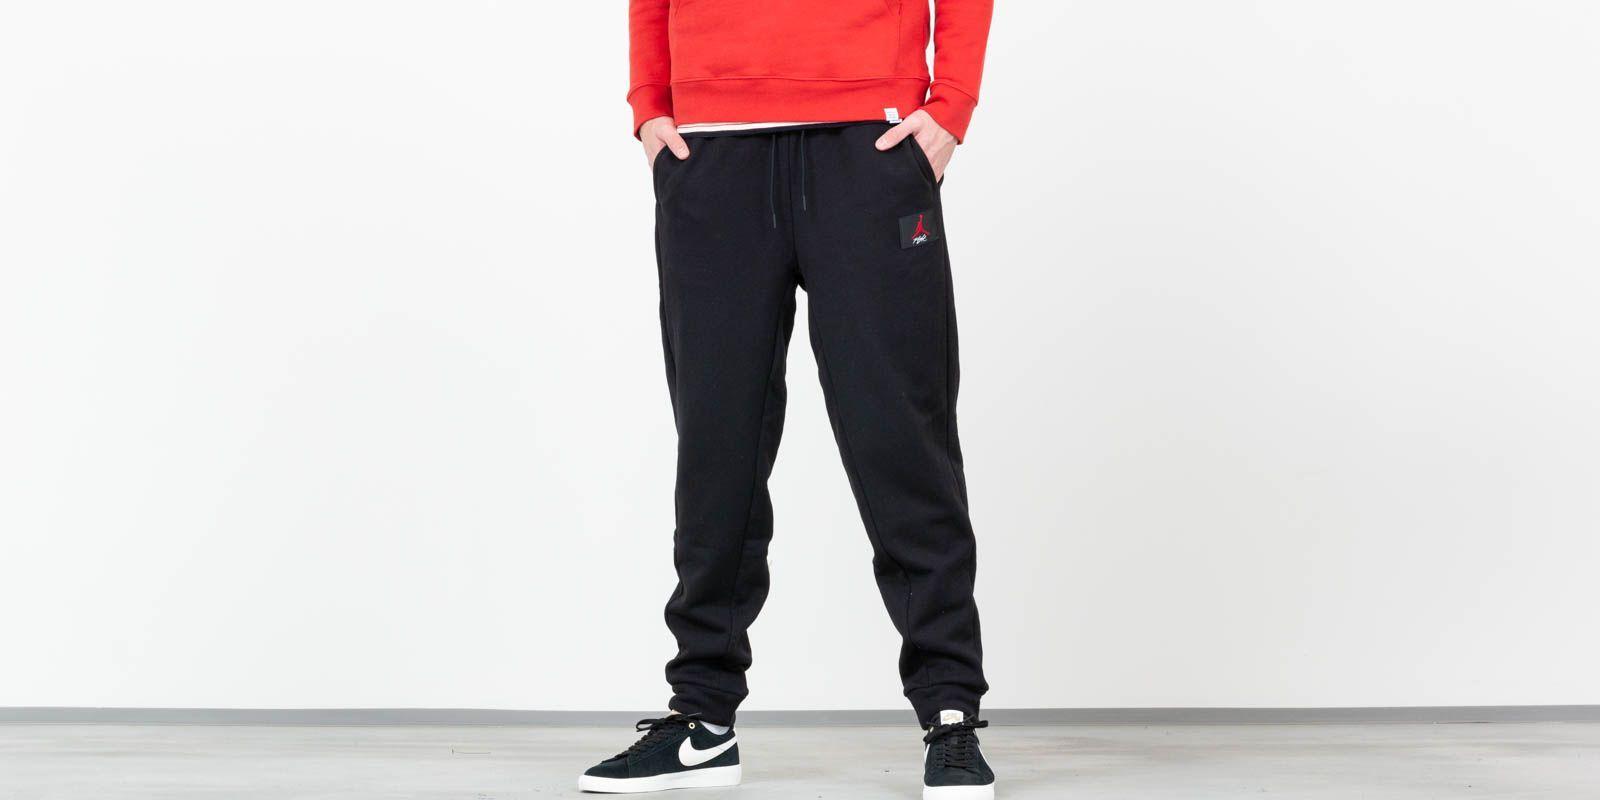 new arrivals 2a35e 1e9b6 Nike. Men s Air Flight Loopback Pants Black